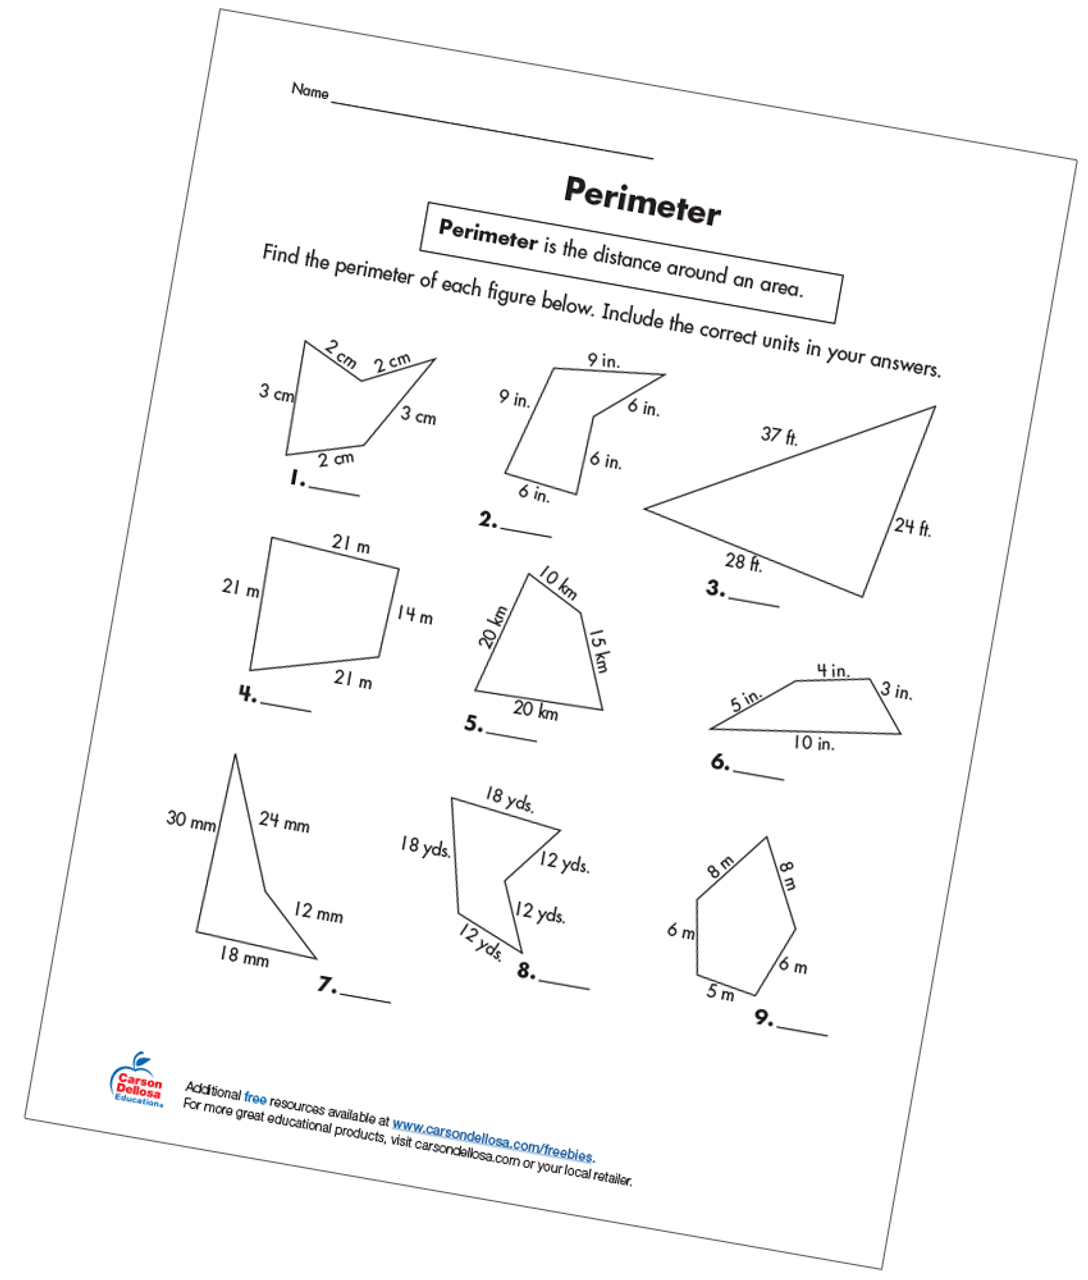 small resolution of Perimeter Grade 3 Free Printable - Carson Dellosa Education